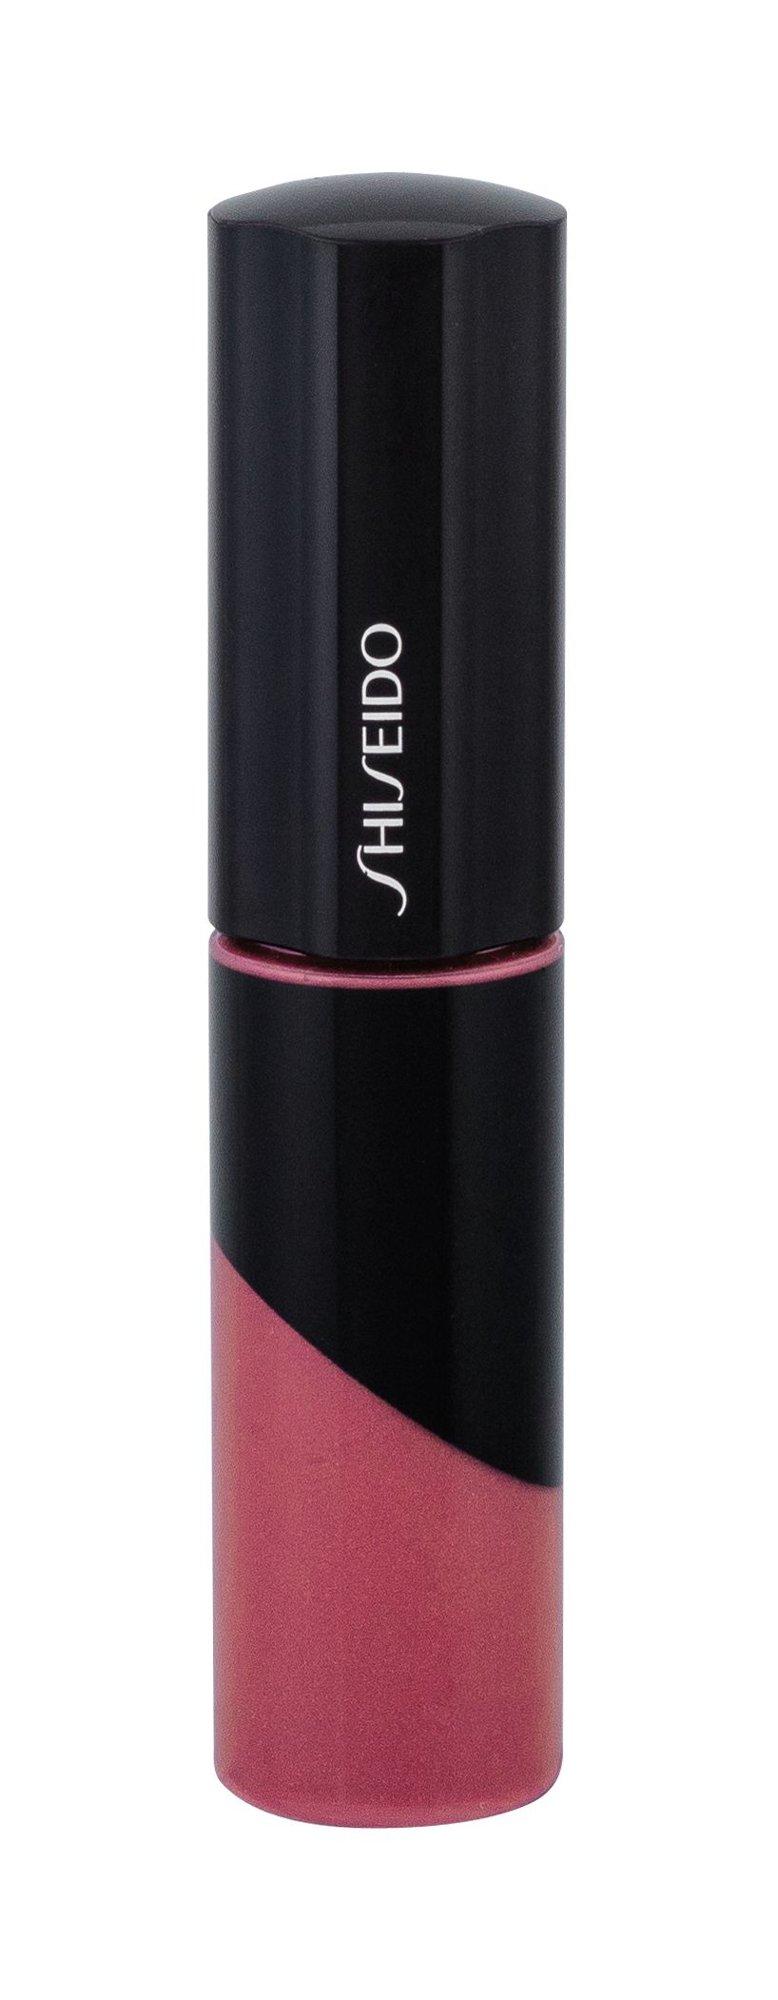 Shiseido Lacquer Gloss Lip Gloss 7,5ml PK304